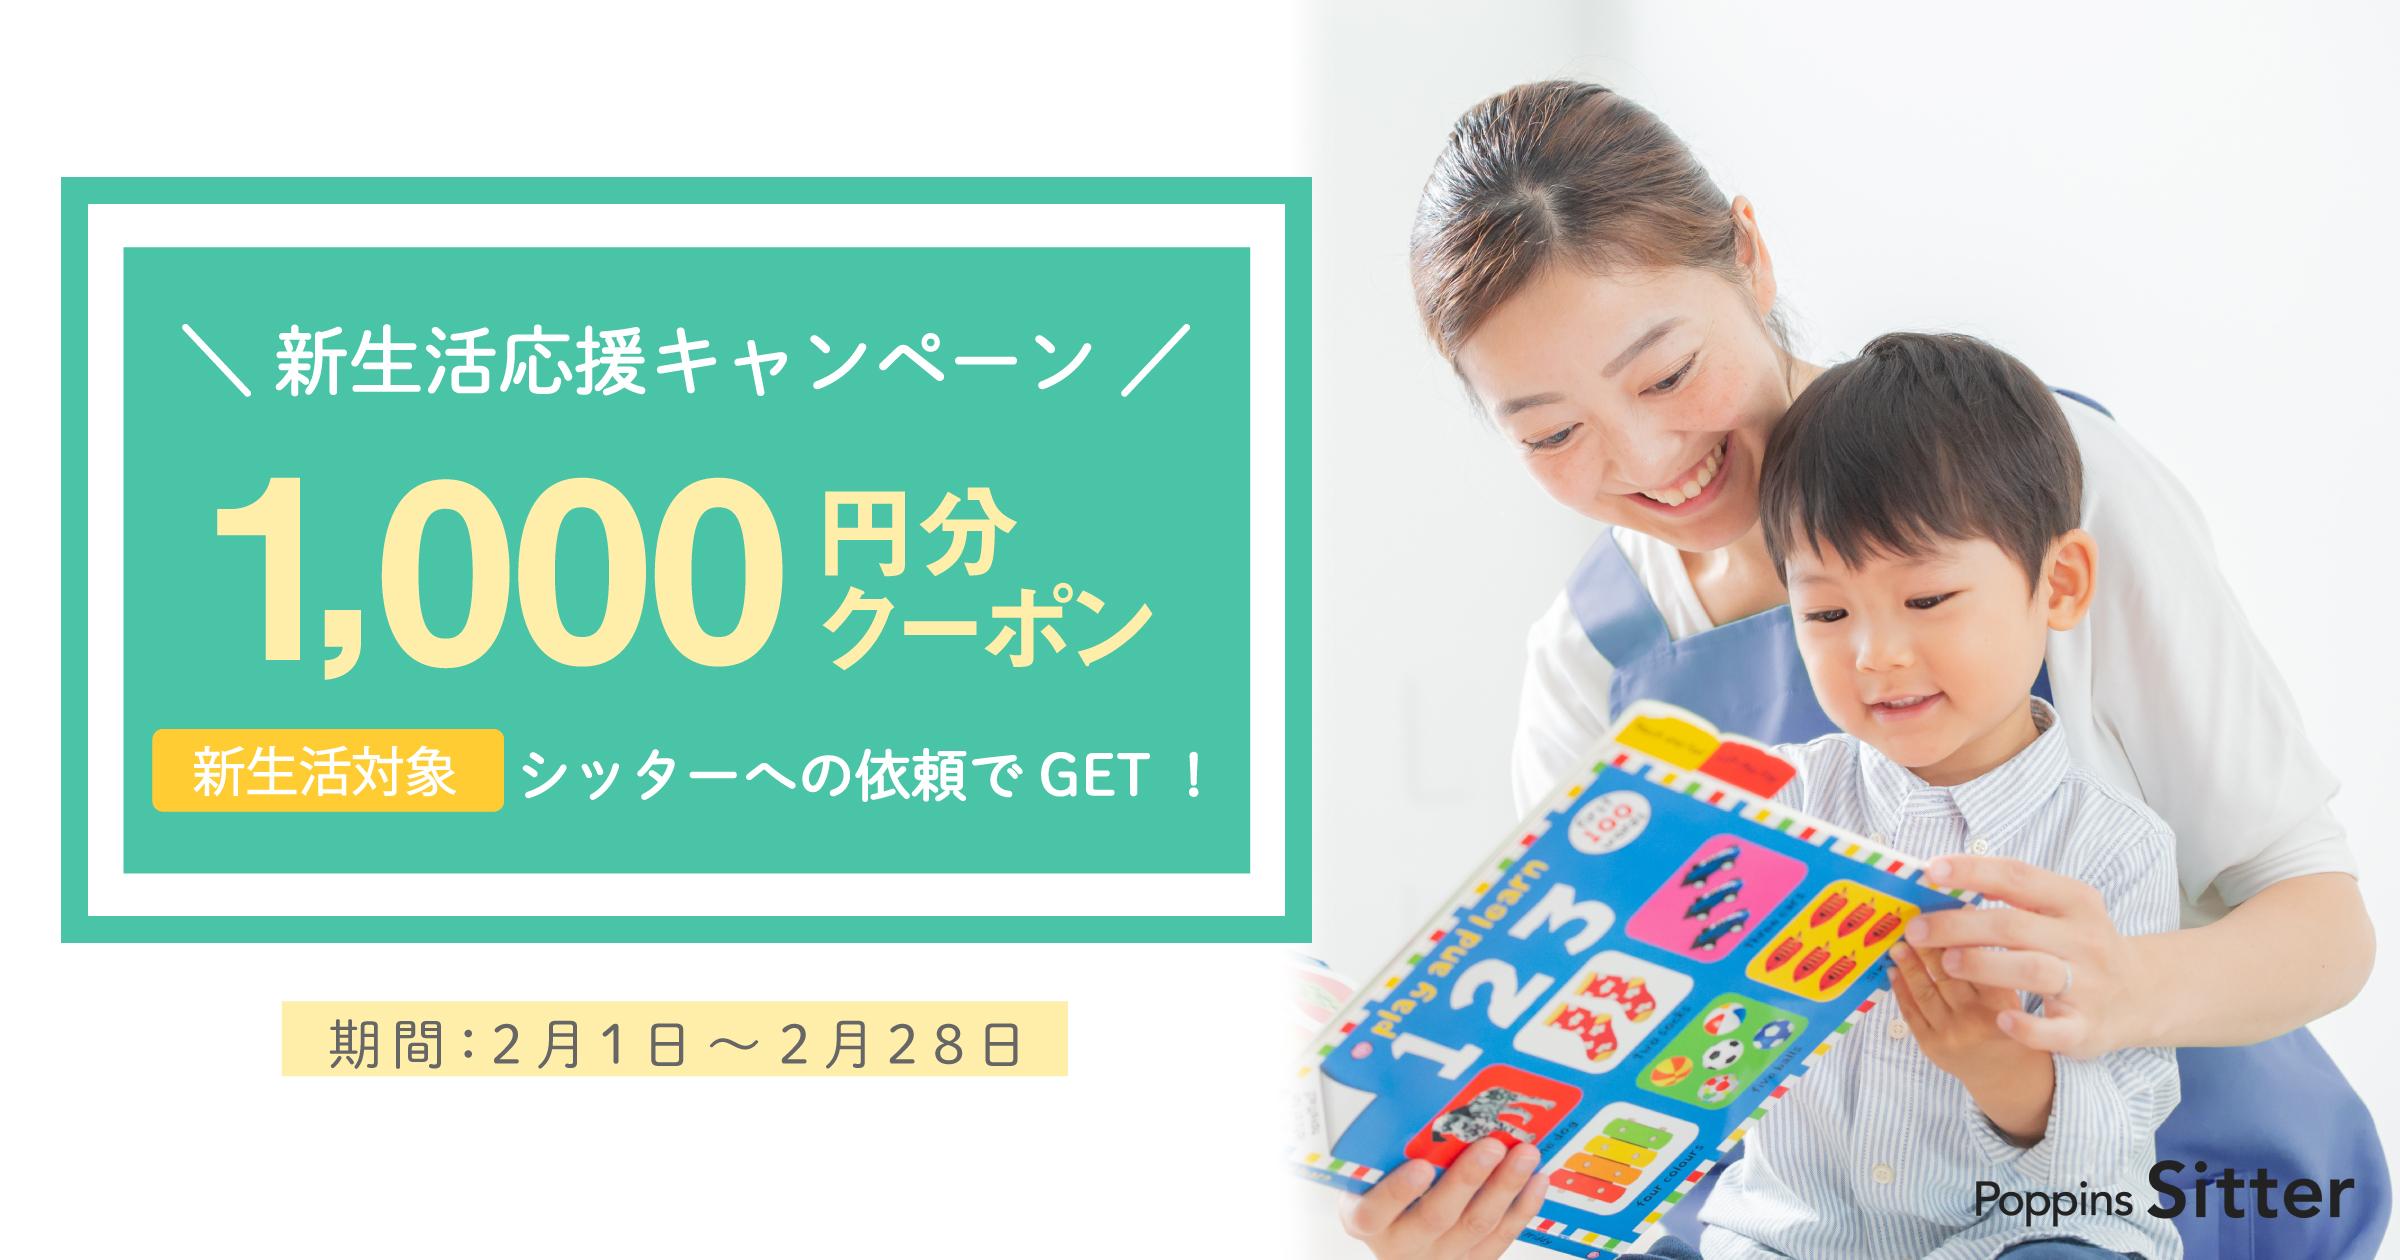 【先着500名様限定】新生活応援キャンペーンで1,000円分クーポンもらえる